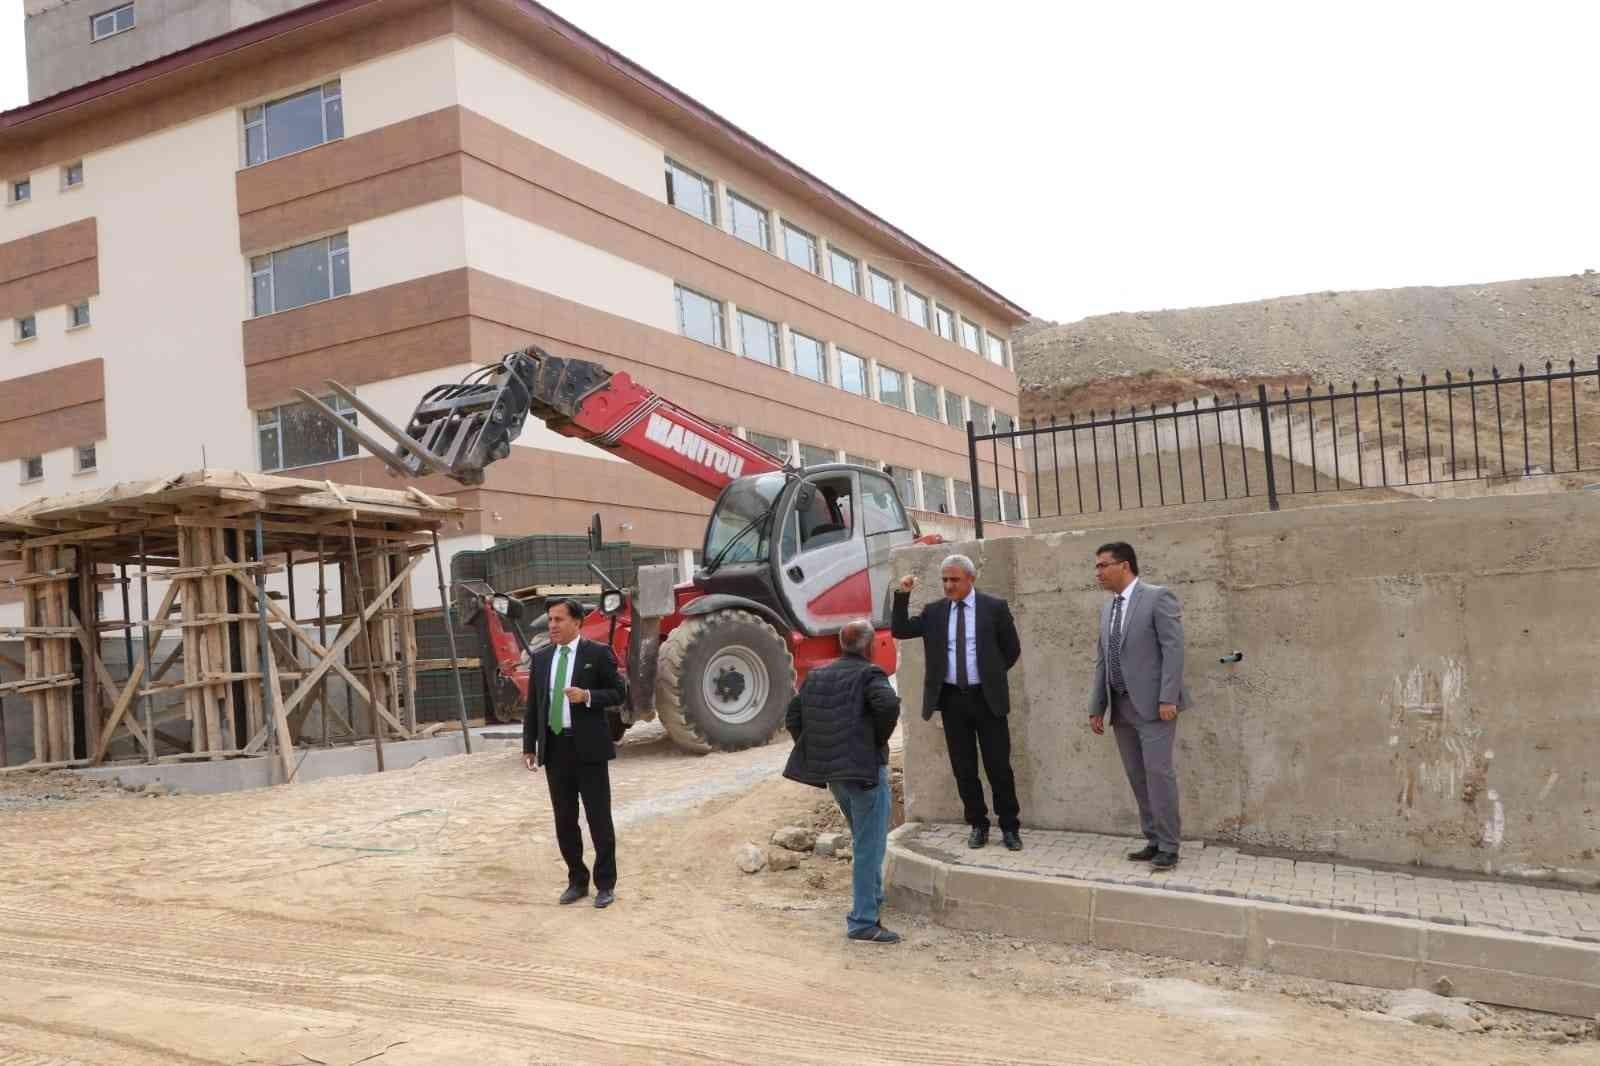 Hakkari'deki okul inşaatları hızla tamamlanıyor #hakkari